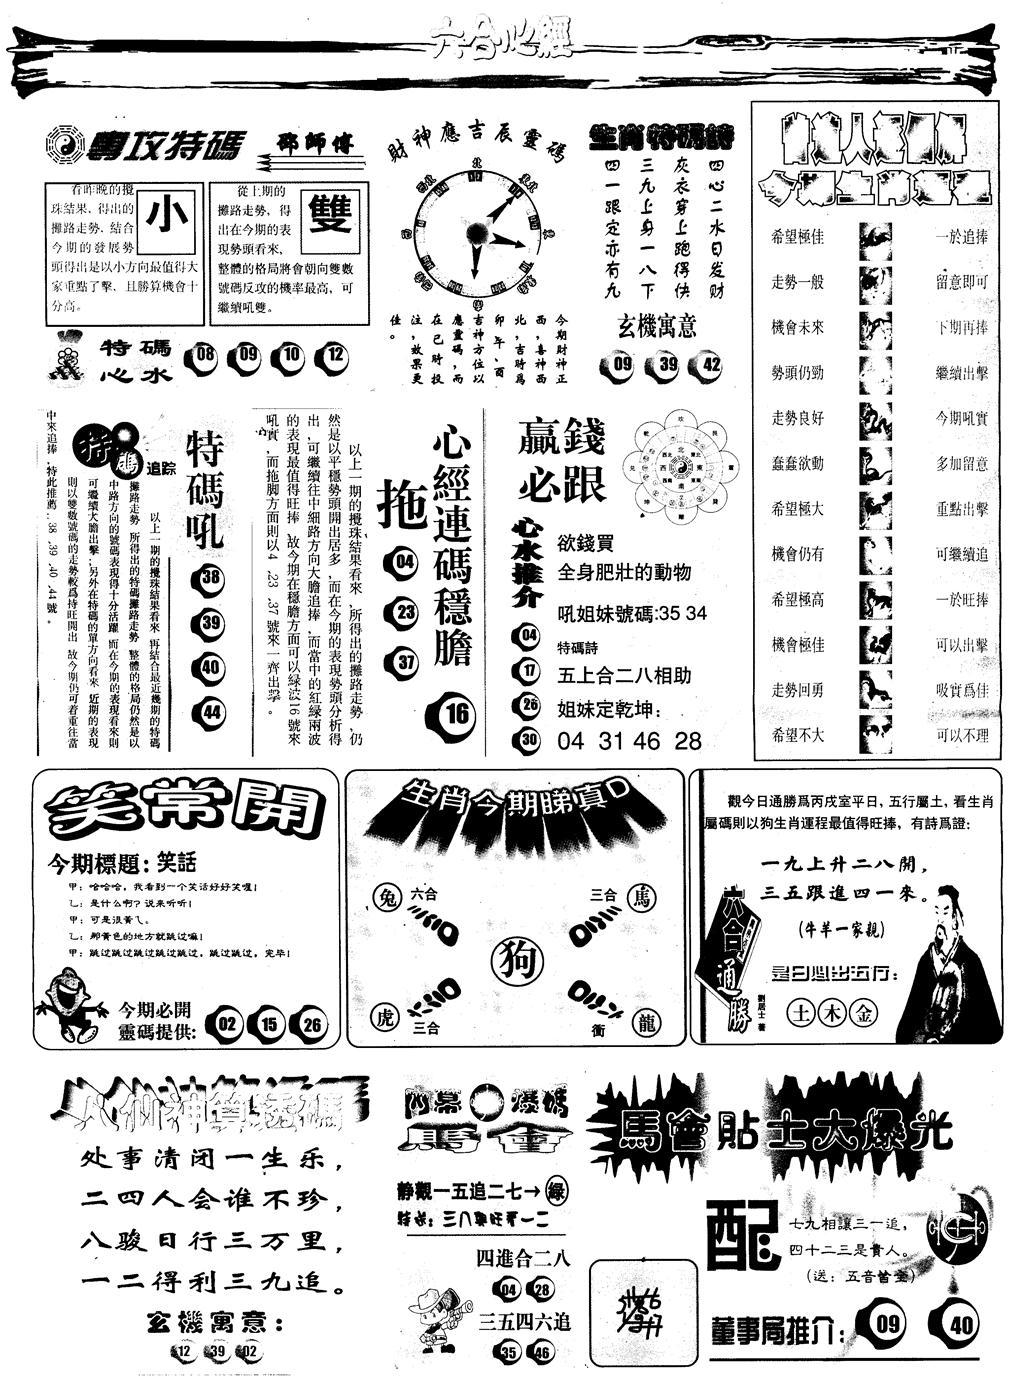 085期另版六合心经B(黑白)